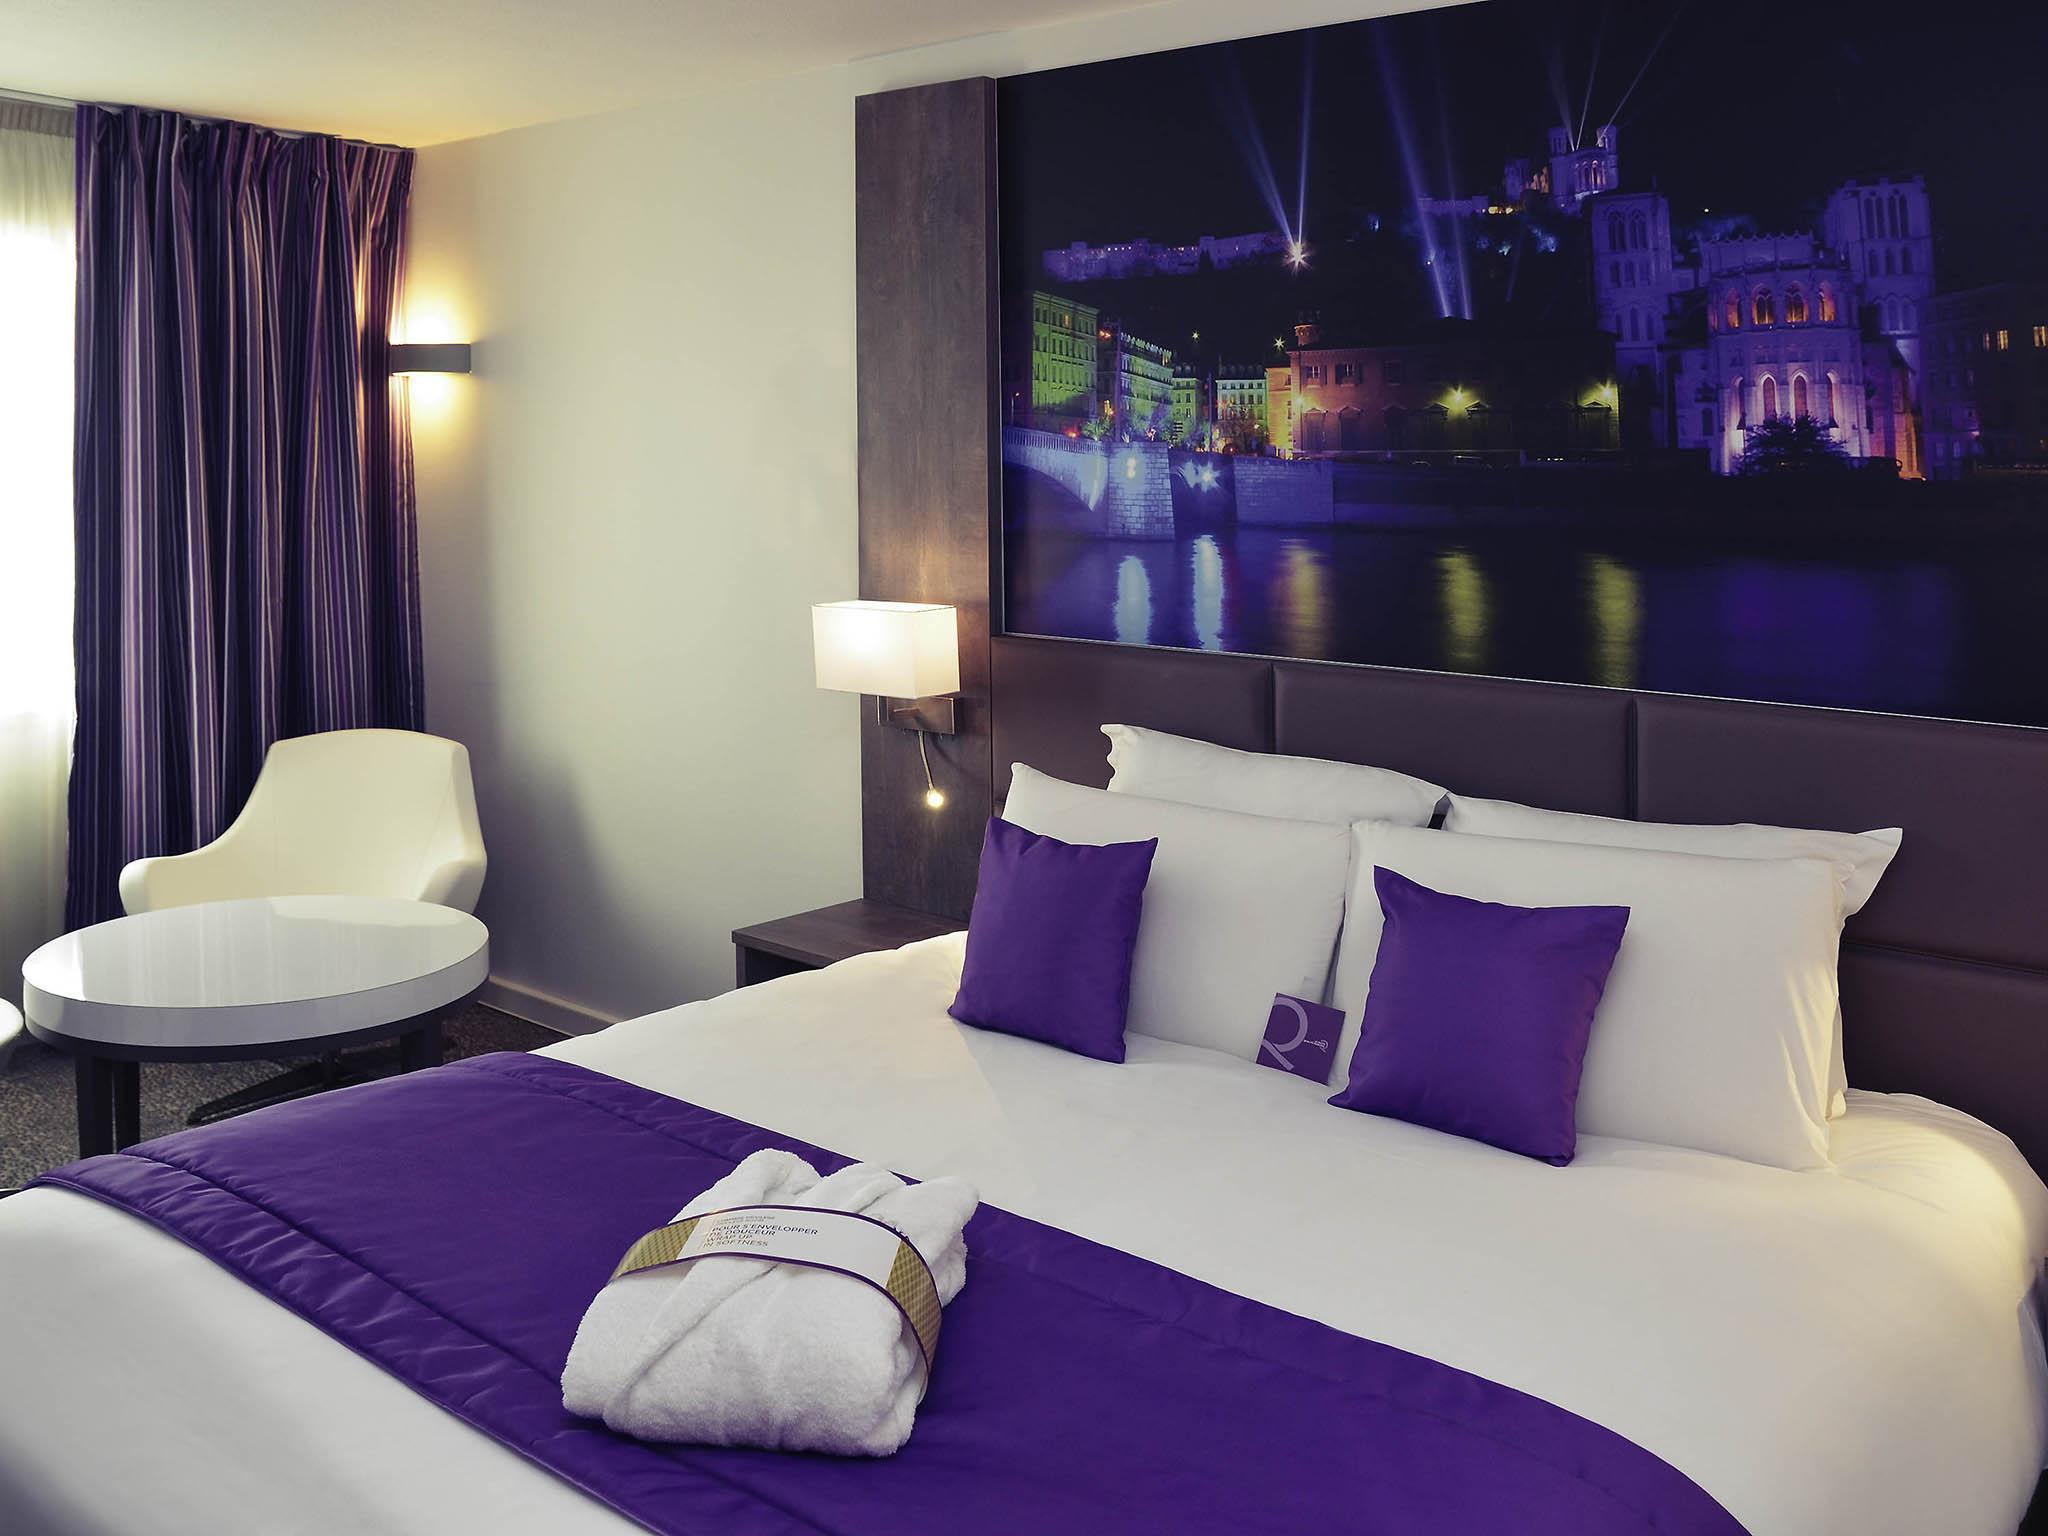 ホテル – メルキュール リヨンエストシャポネ